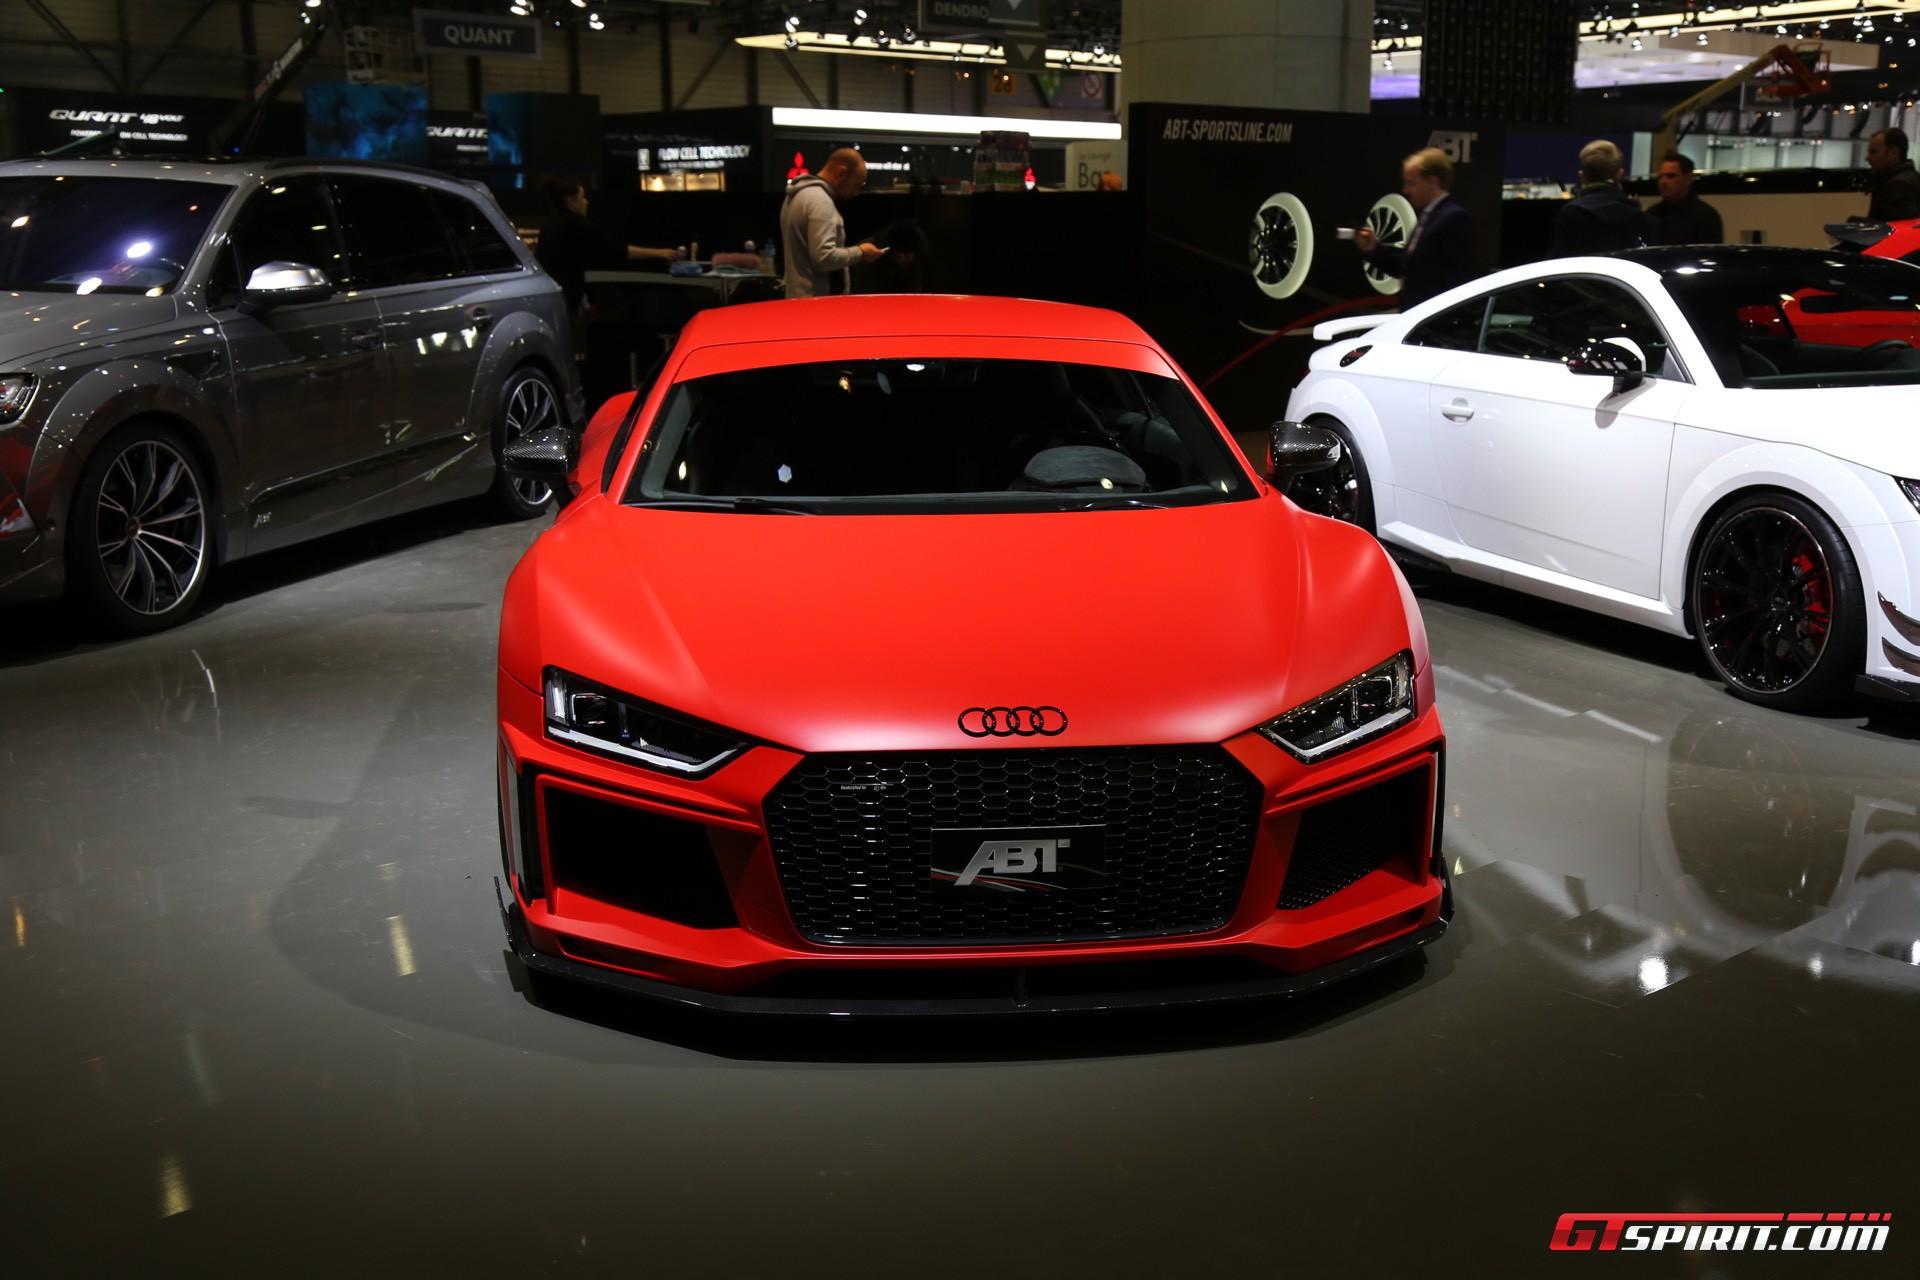 ABT Audi R8 V10 at Geneva